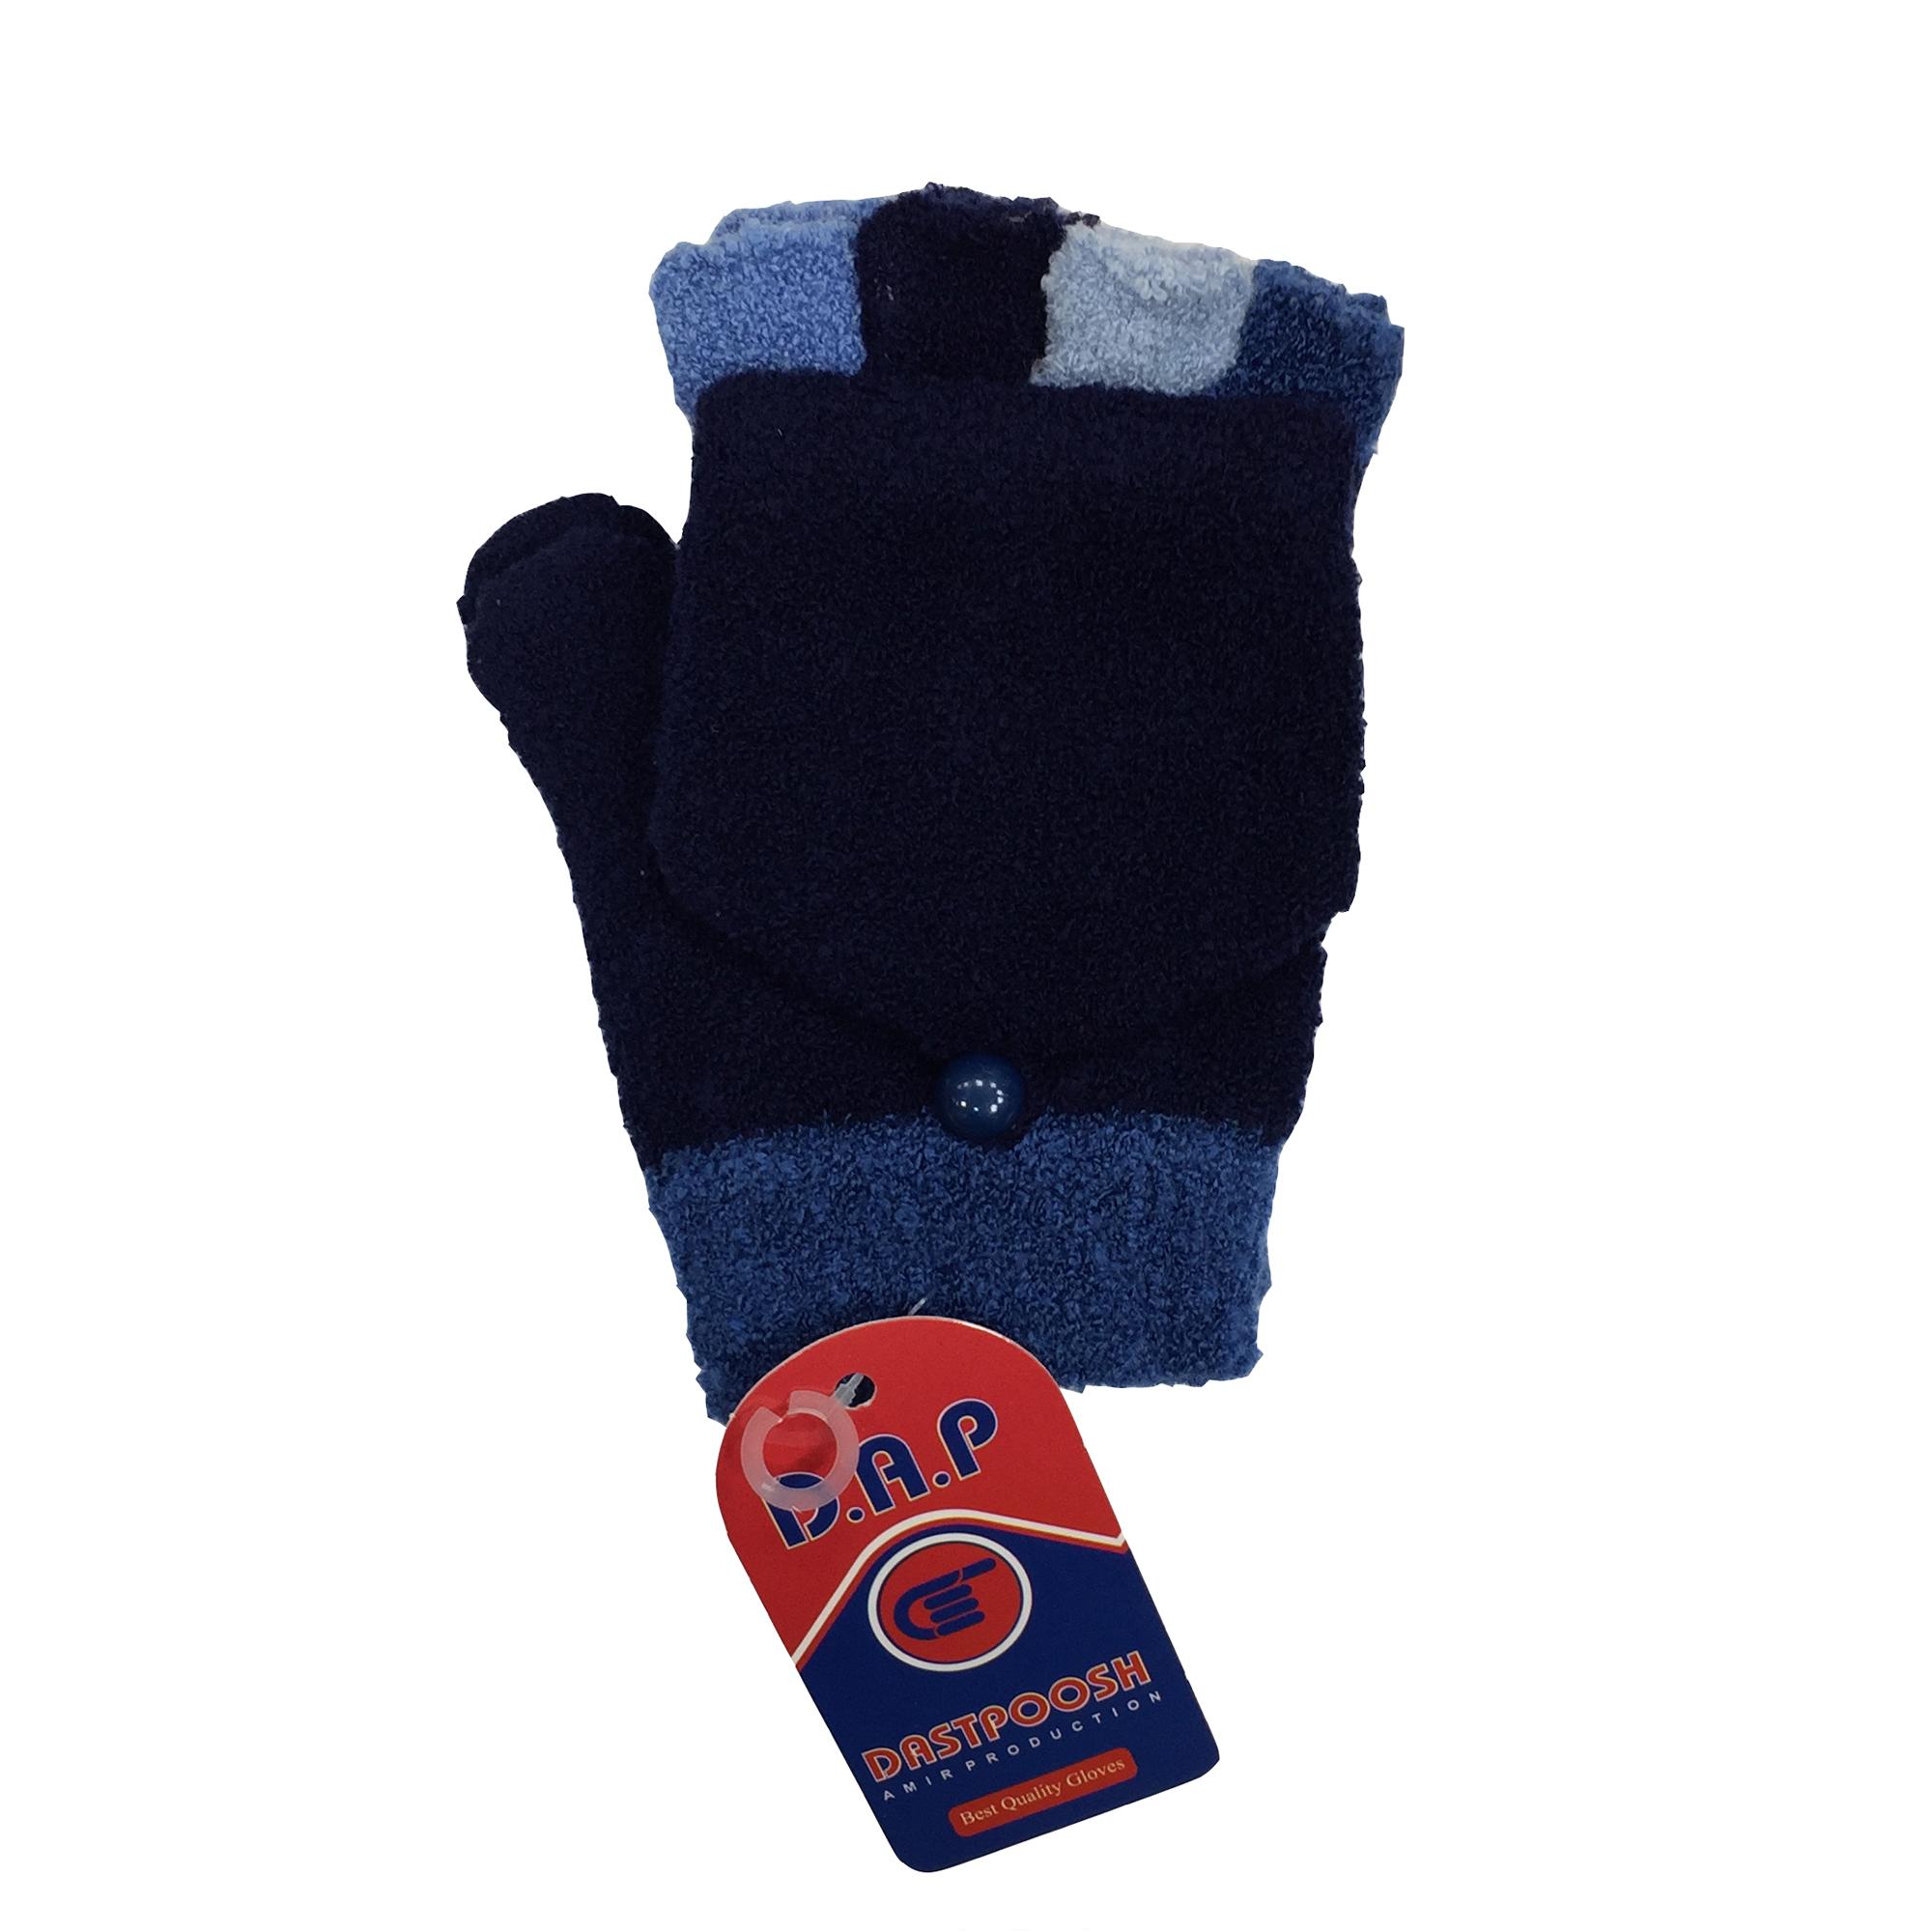 دستکش بافتنی زنانه دستپوش مدل DP250-1002